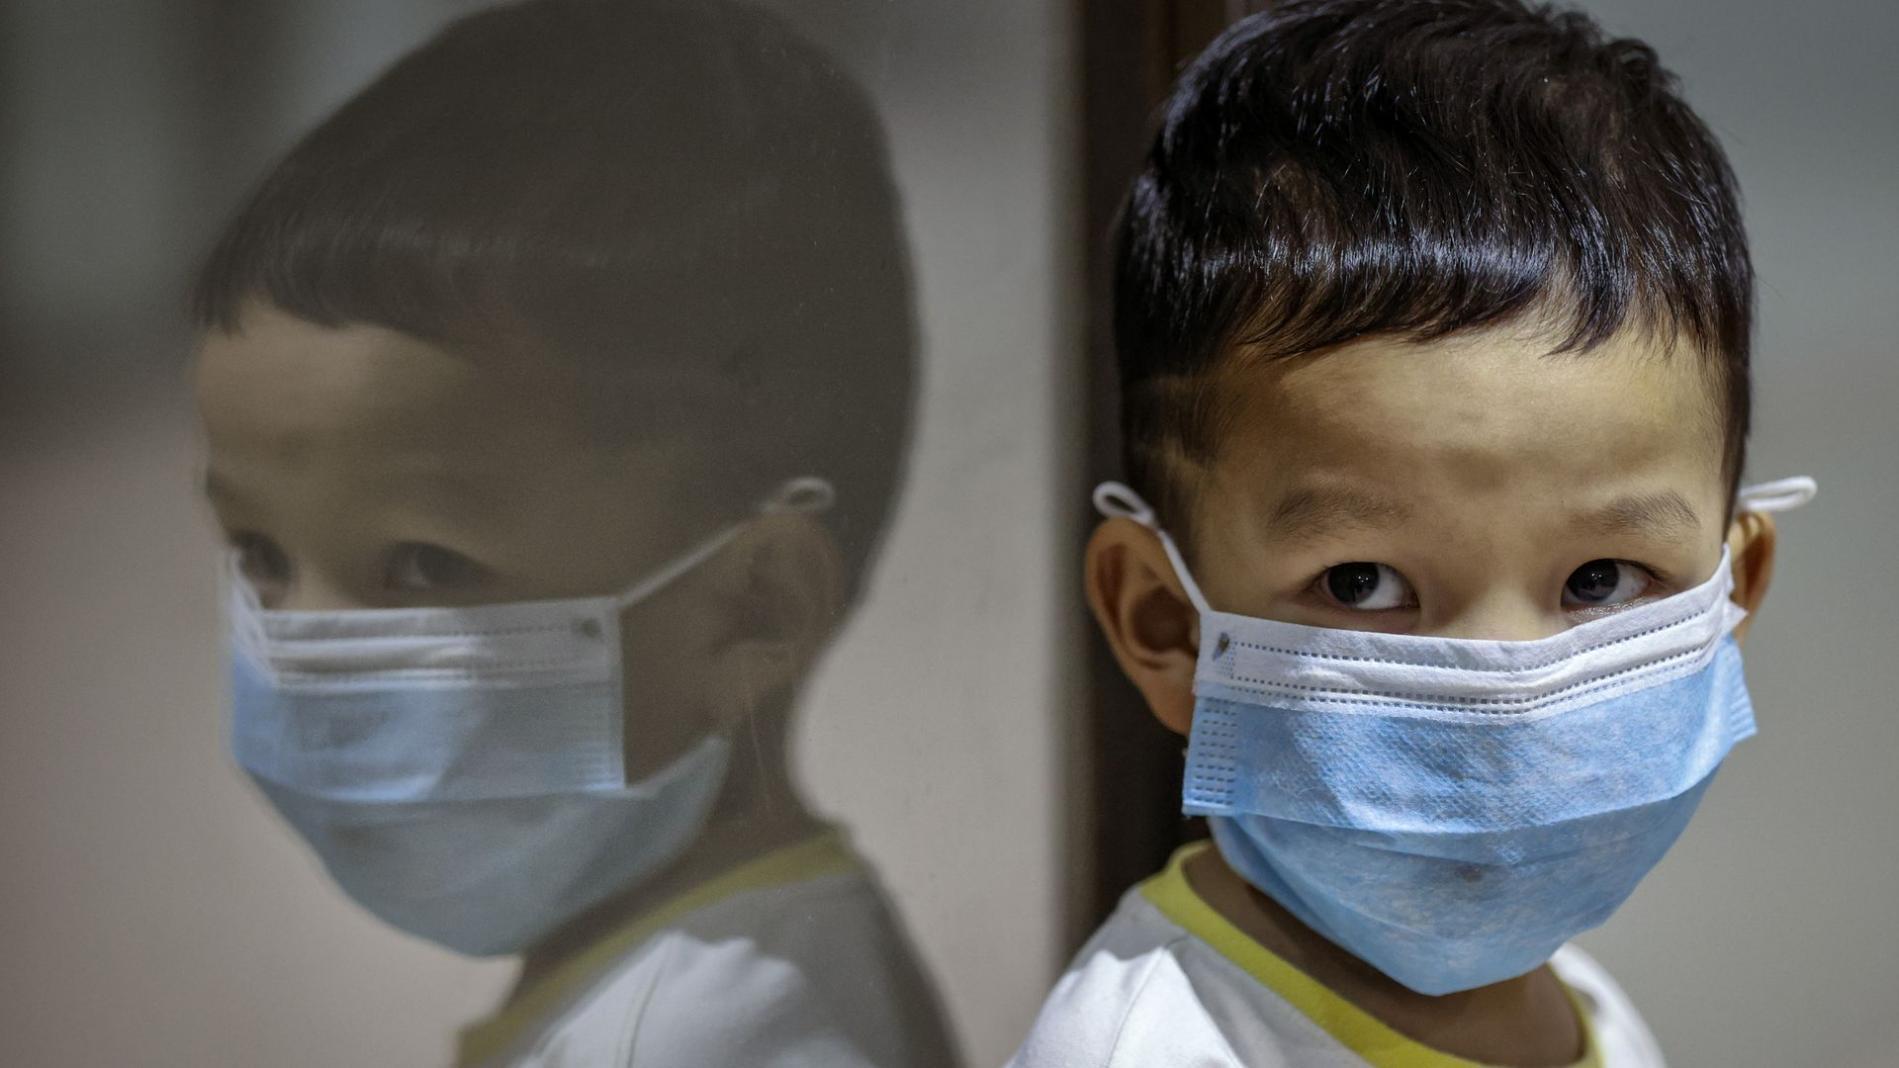 Covid-19: millones de niños no están recibiendo vacunas vitales | UNICEF